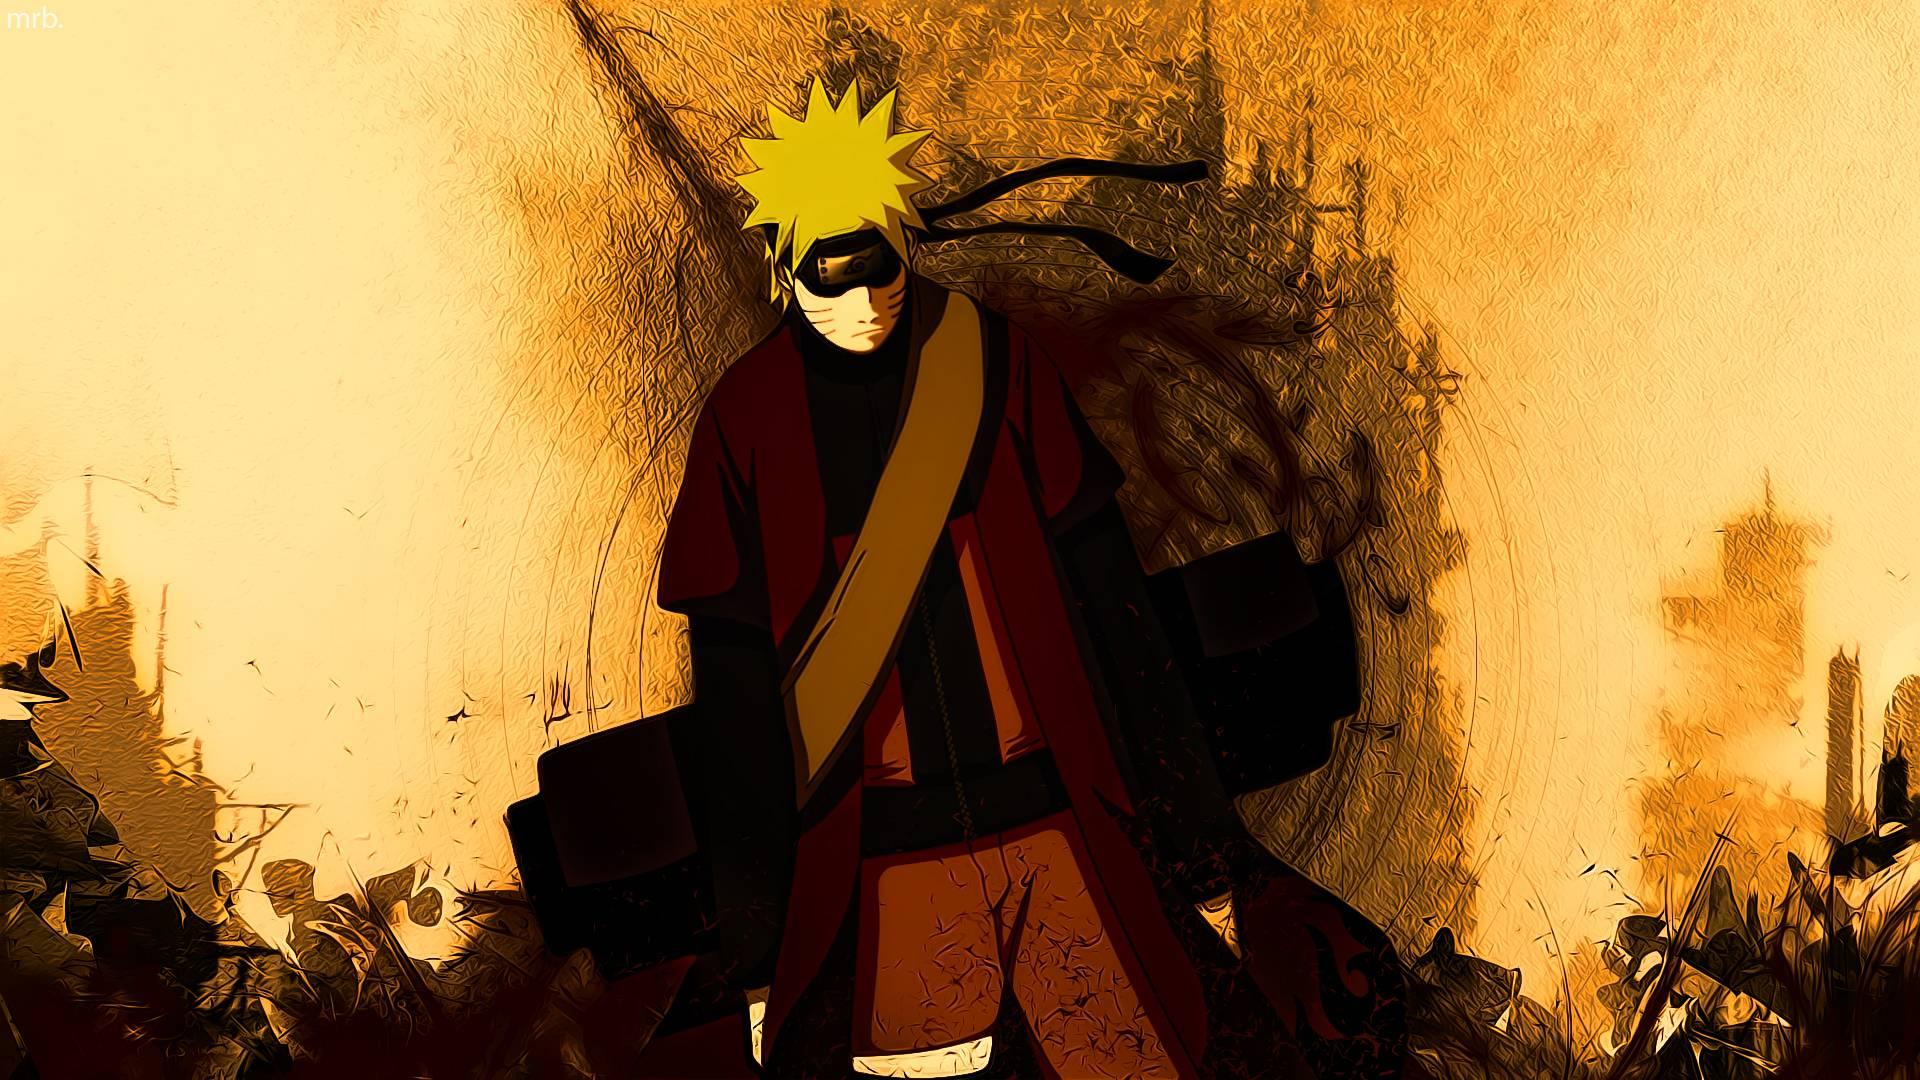 Hd Naruto Wallpapers Wallpaper Cave